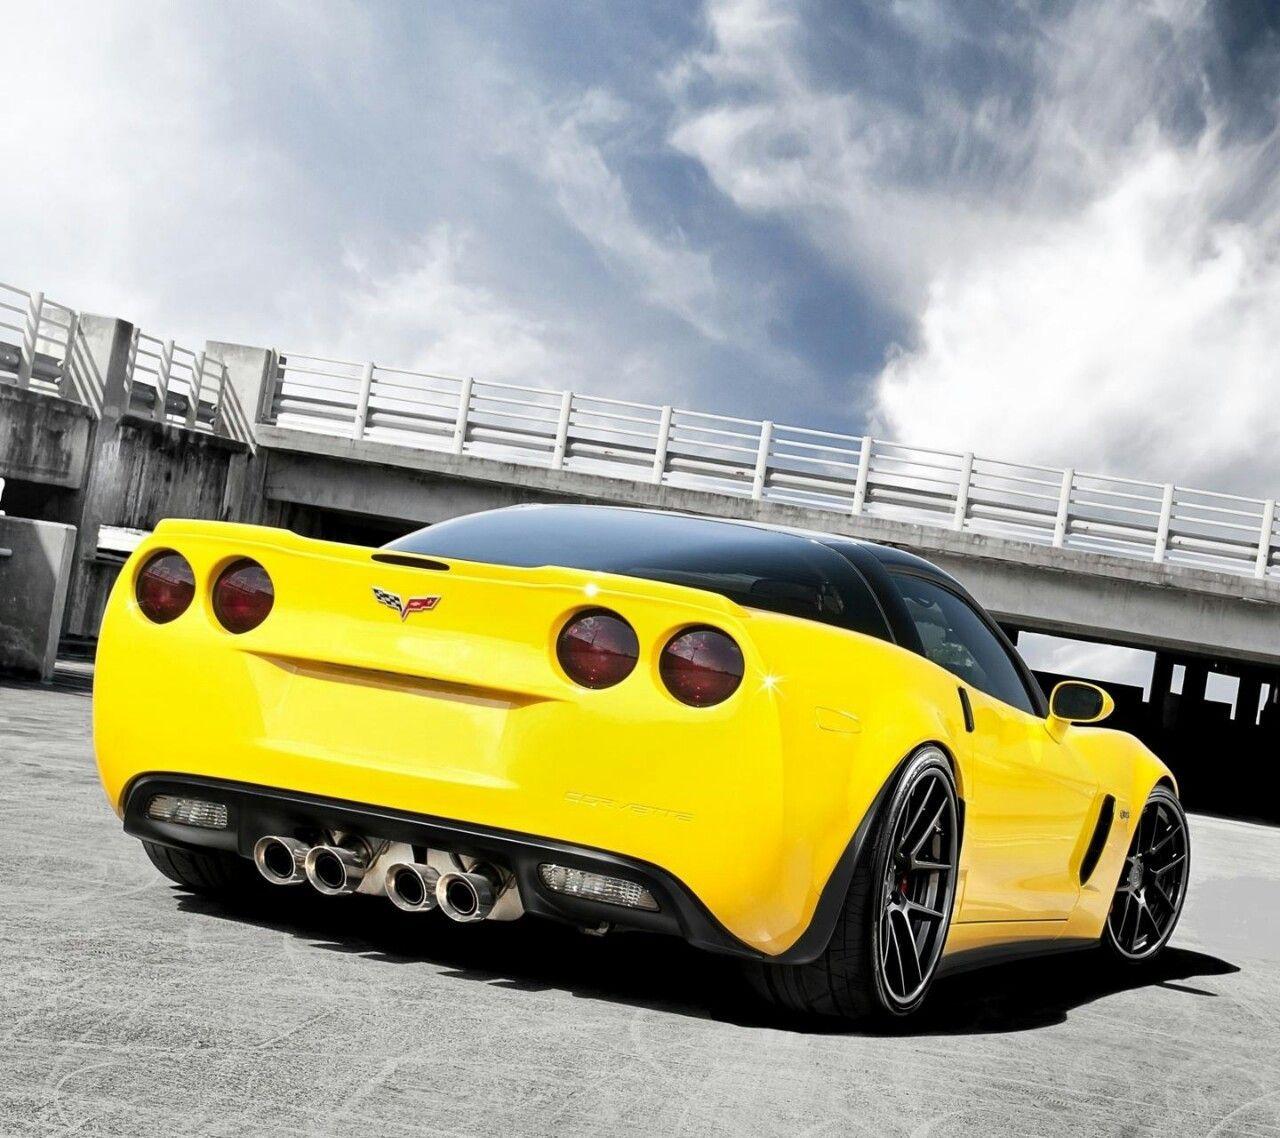 Corvette Zr1 Yellow Vette Chevrolet Corvette Corvette Zr1